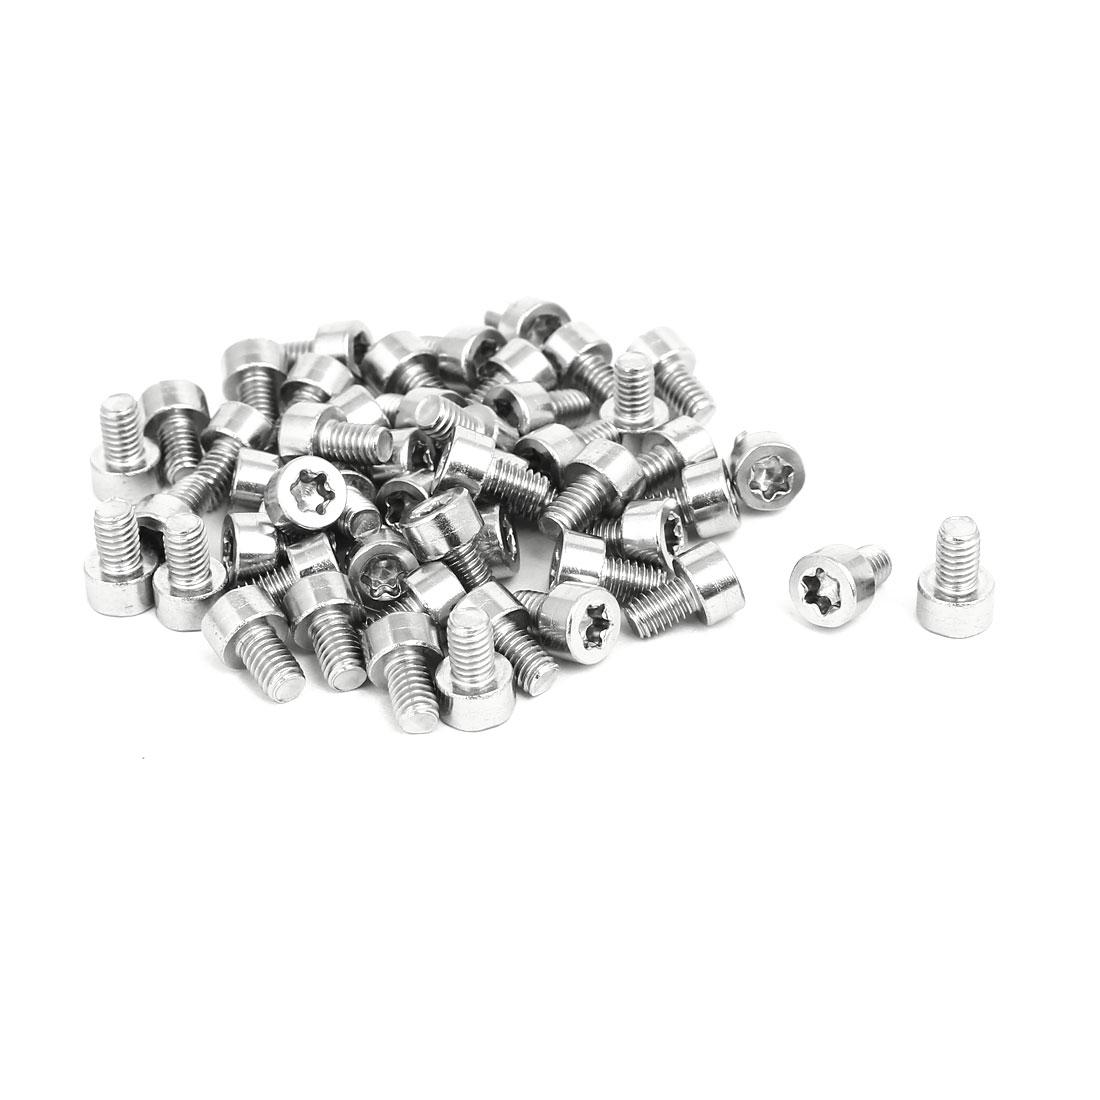 M4x6m Thread T20 Torx Drive 304 Stainless Steel Torx Socket Cap Screw 50pcs